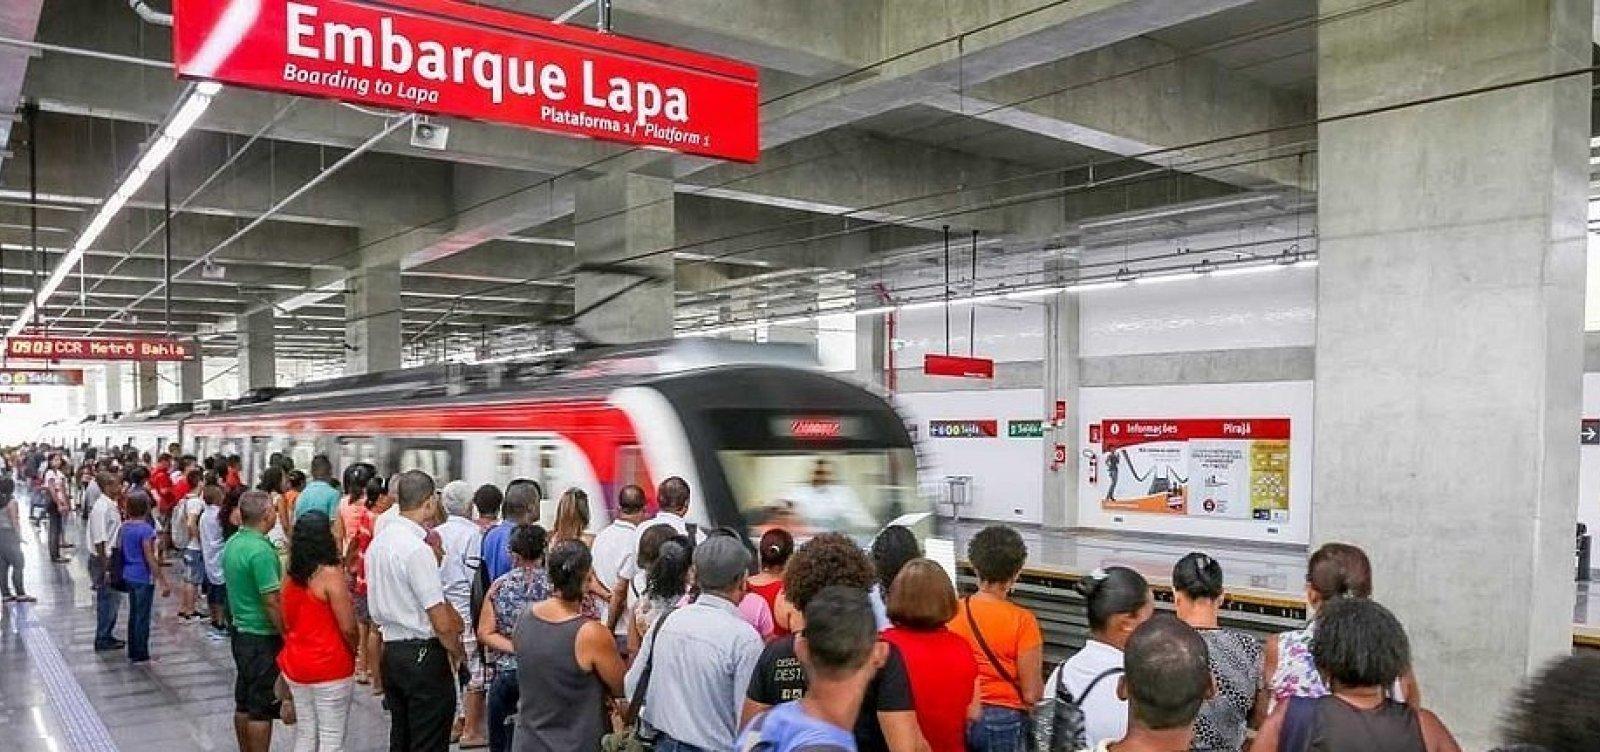 Metrô e ônibus param de circular mais cedo nesta sexta-feira devido ao toque de recolher noturno